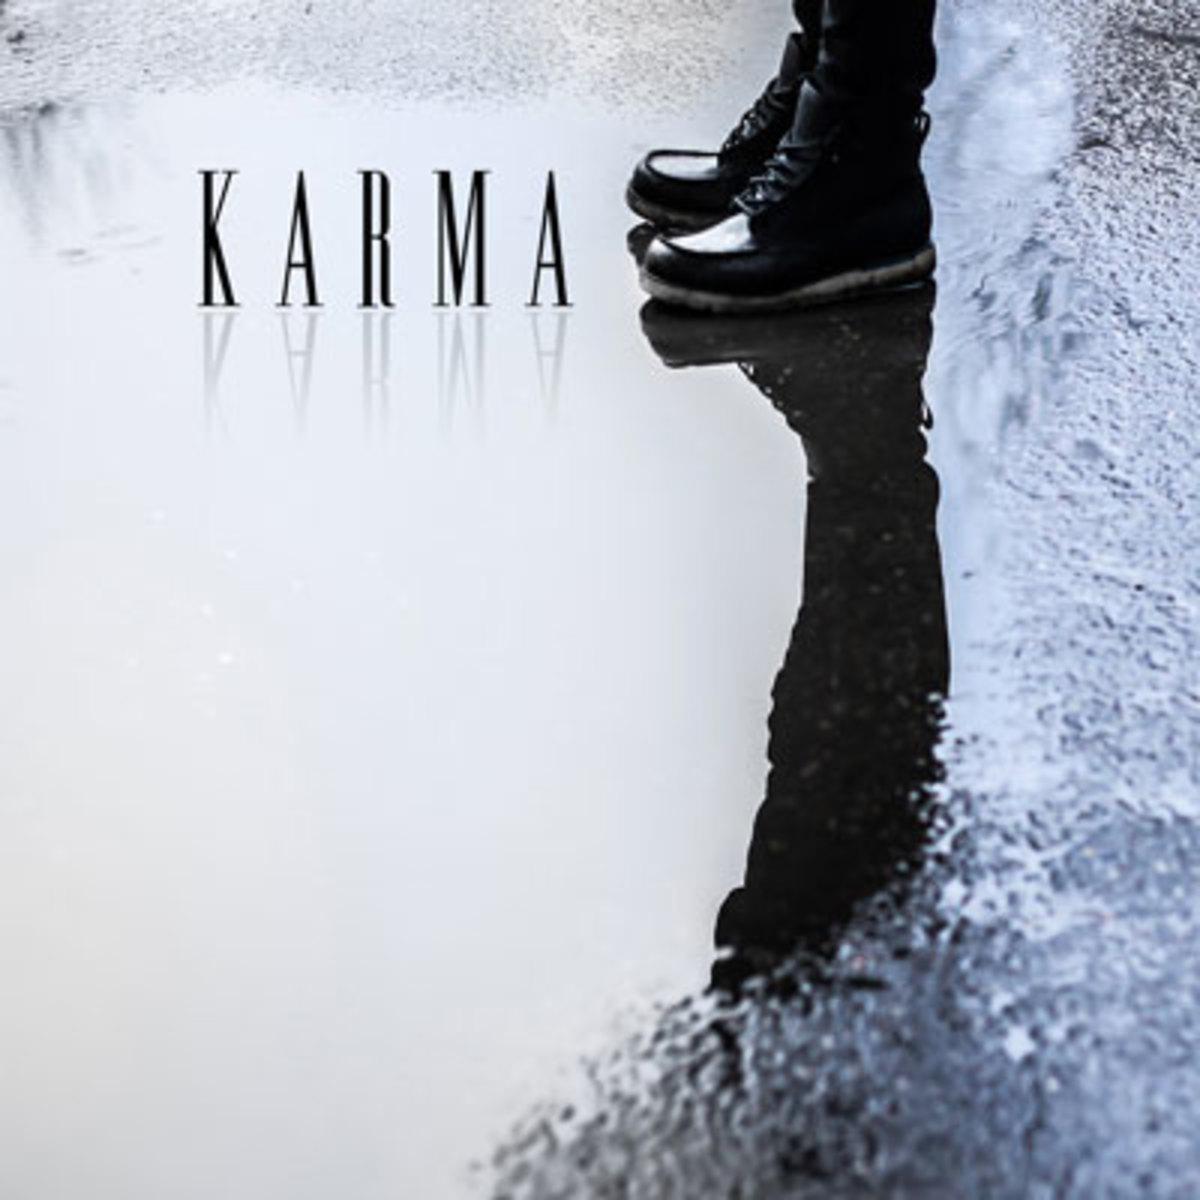 karizma-karma.jpg